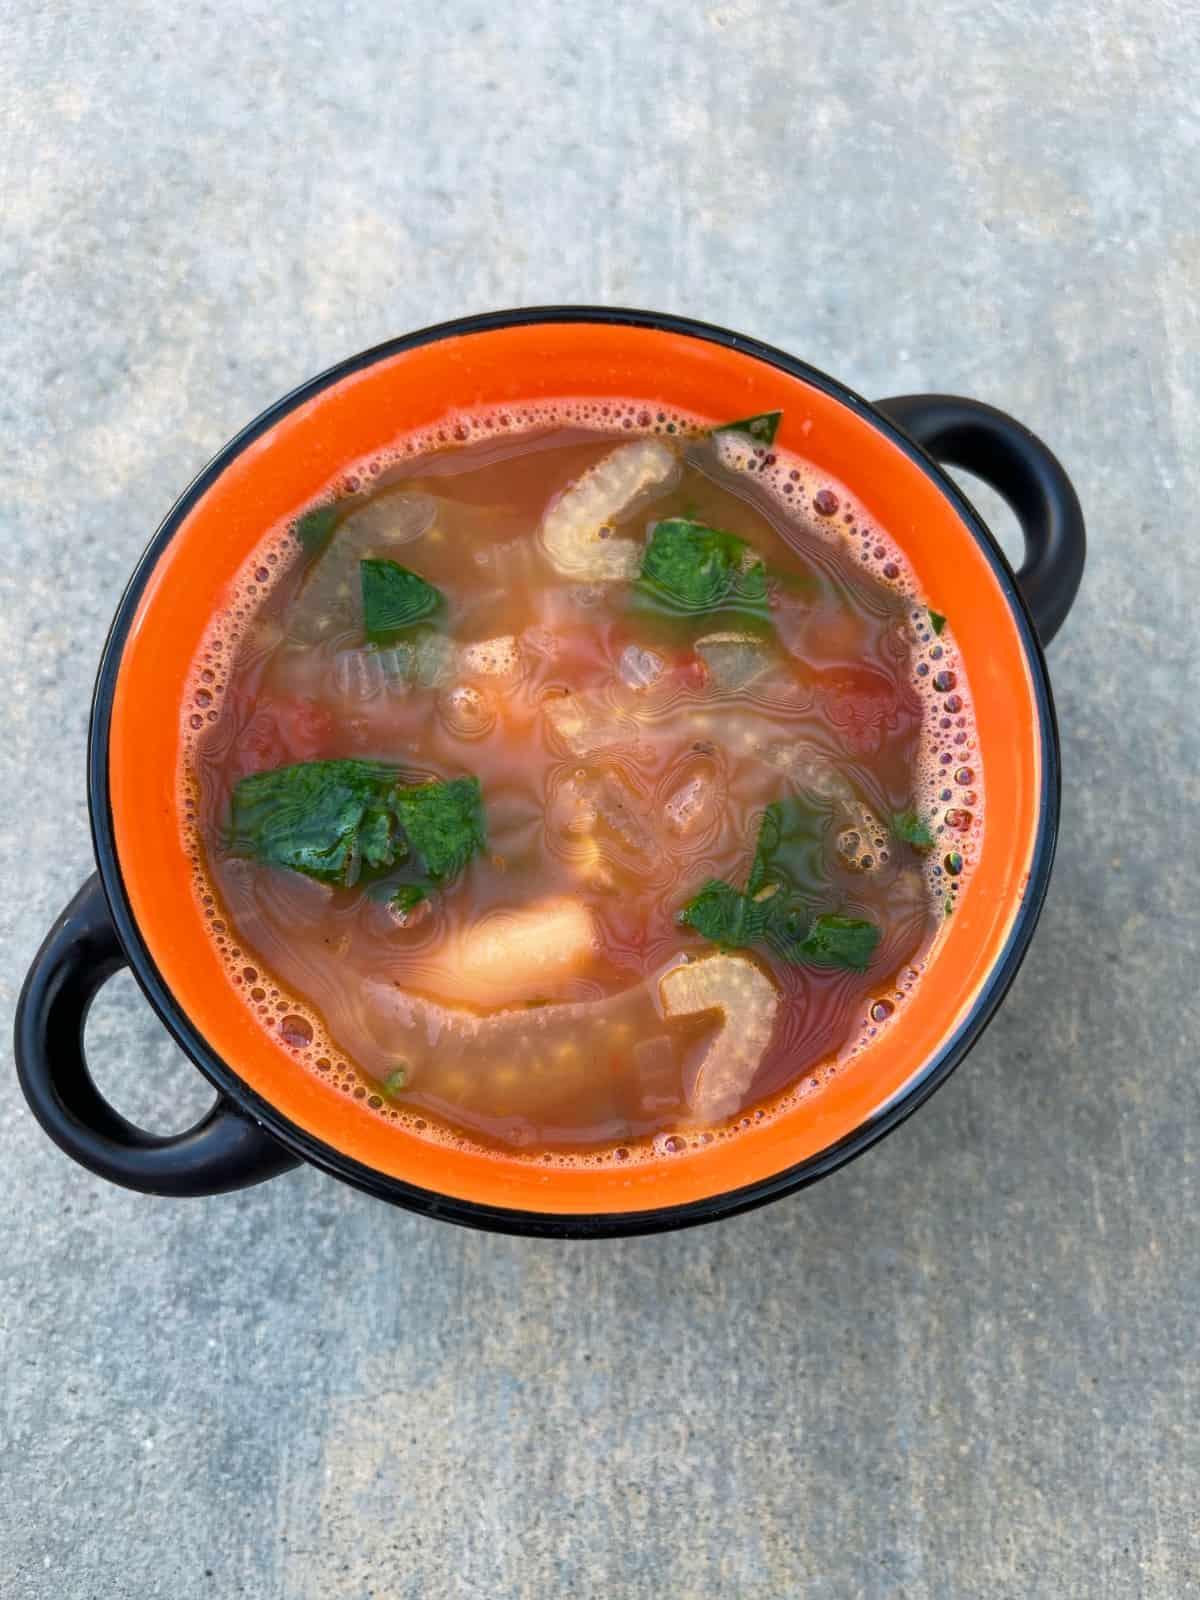 Fennel white bean soup in orange soup crock.